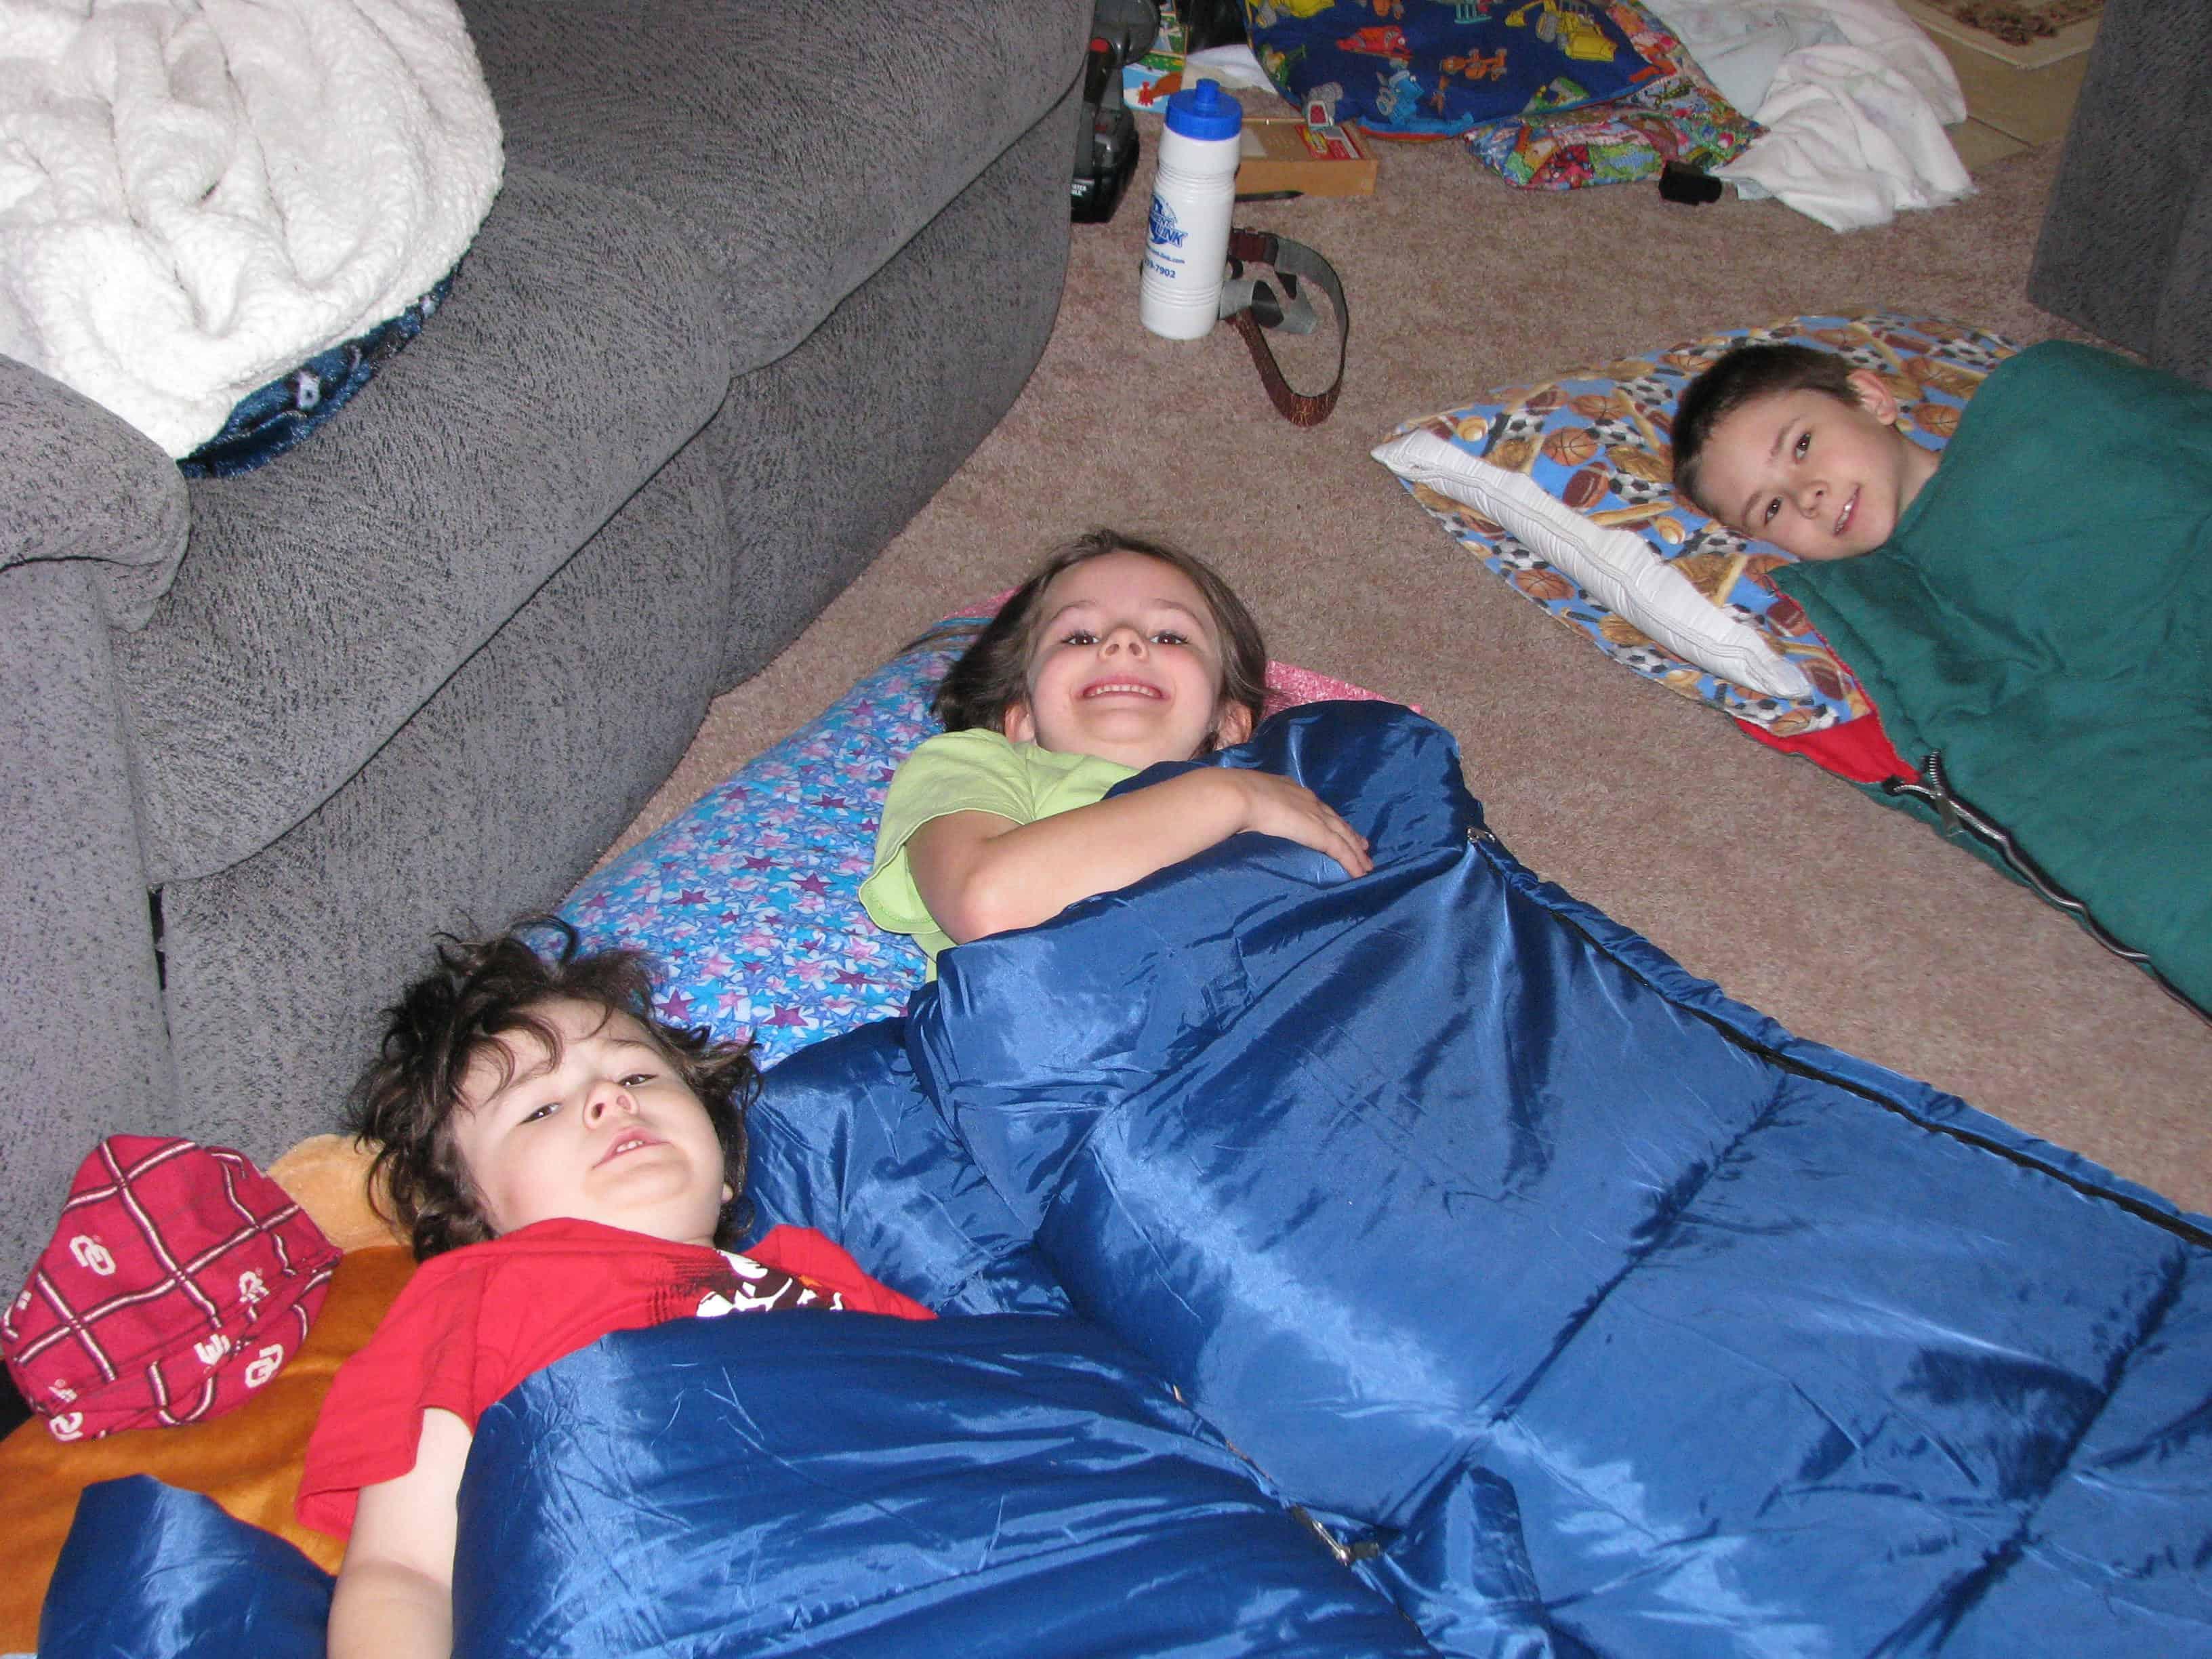 Slumber Parties & Sickness